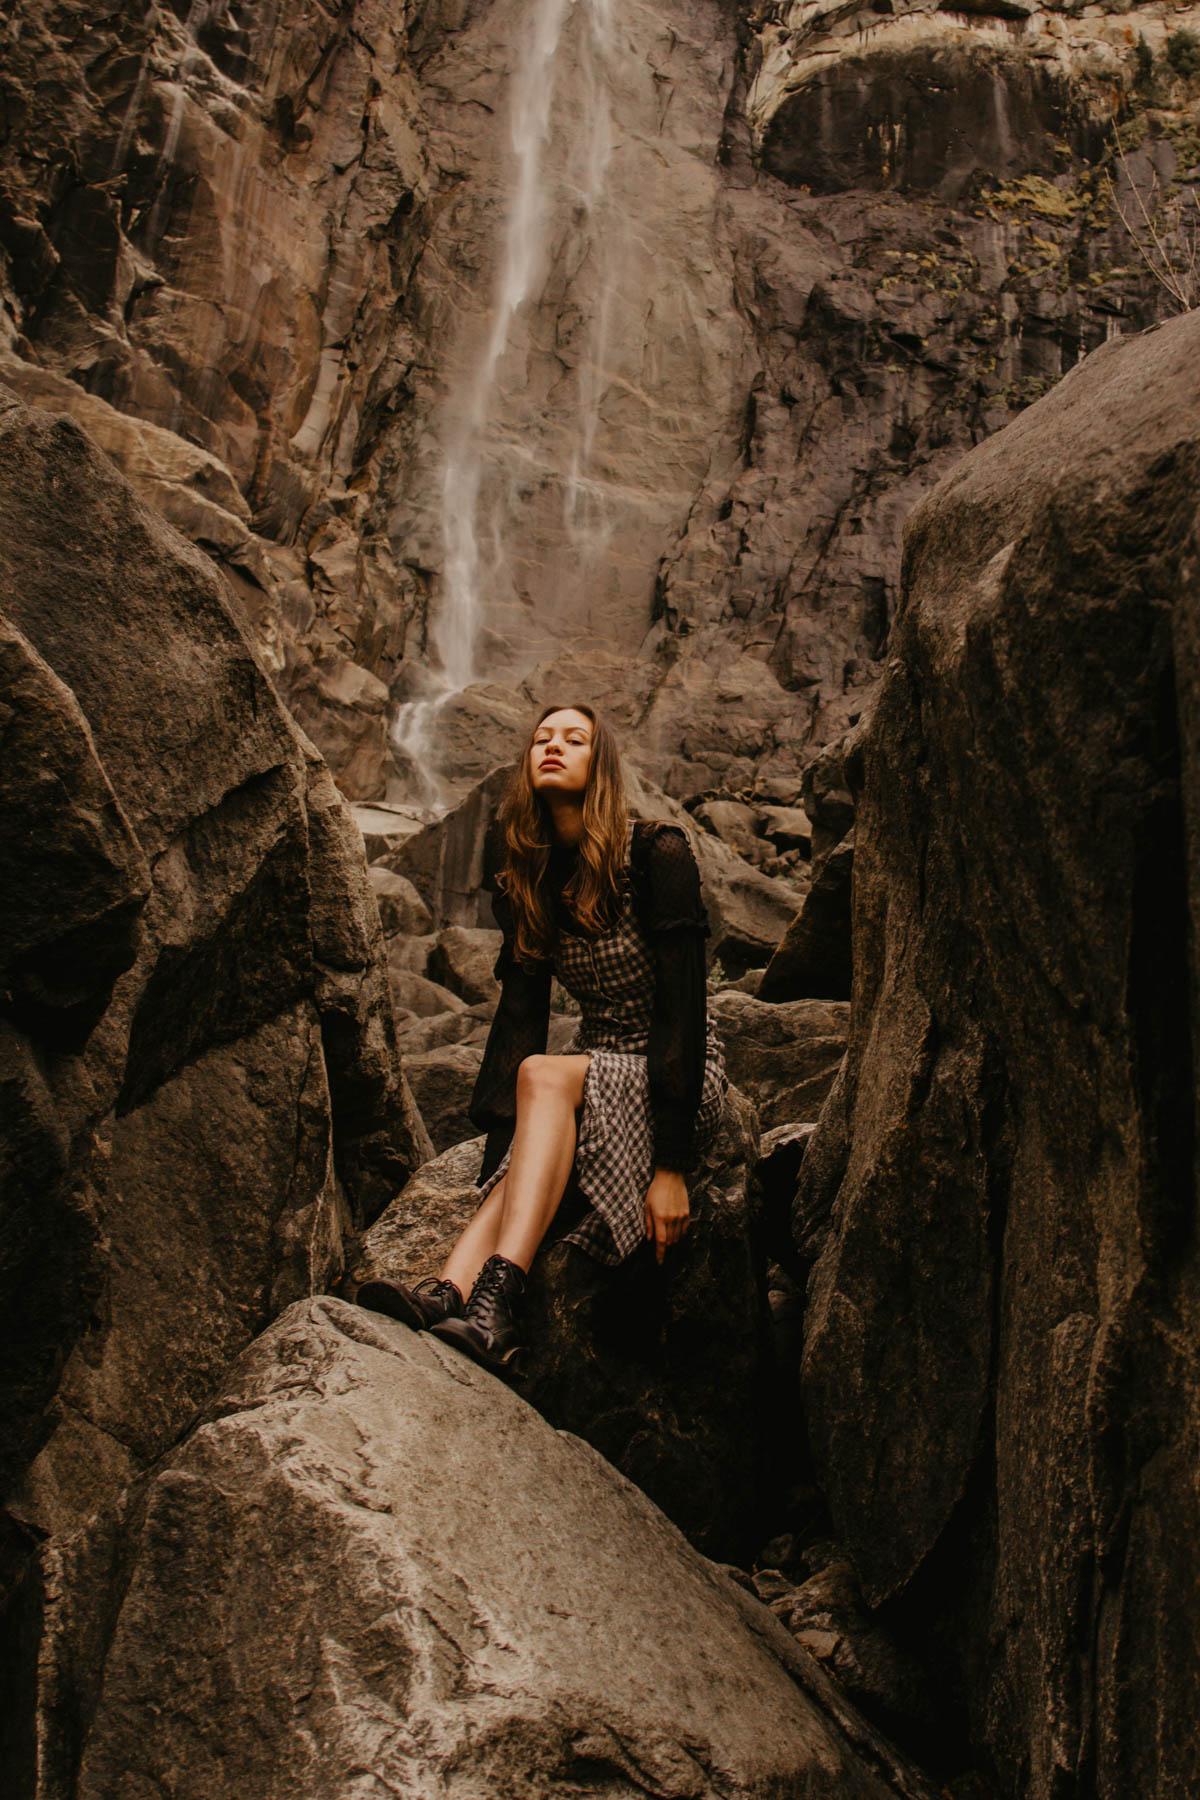 ACC-Yosemite-WebSize-1810088.jpg